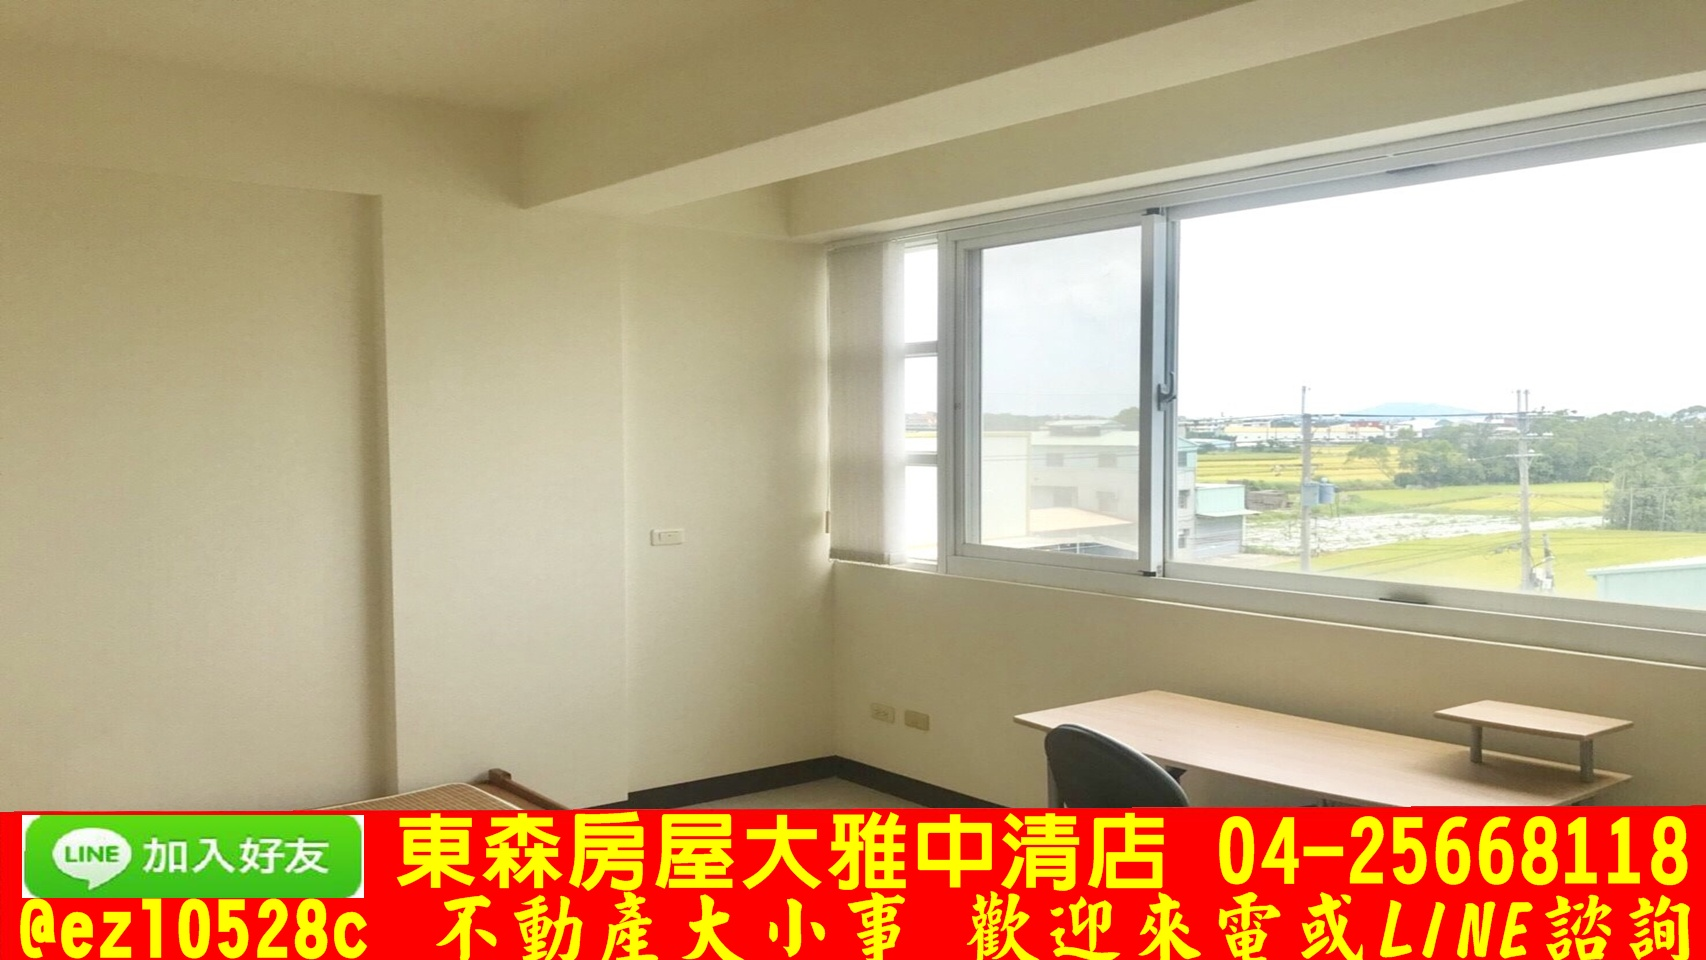 東森房屋大雅中清店-清井居